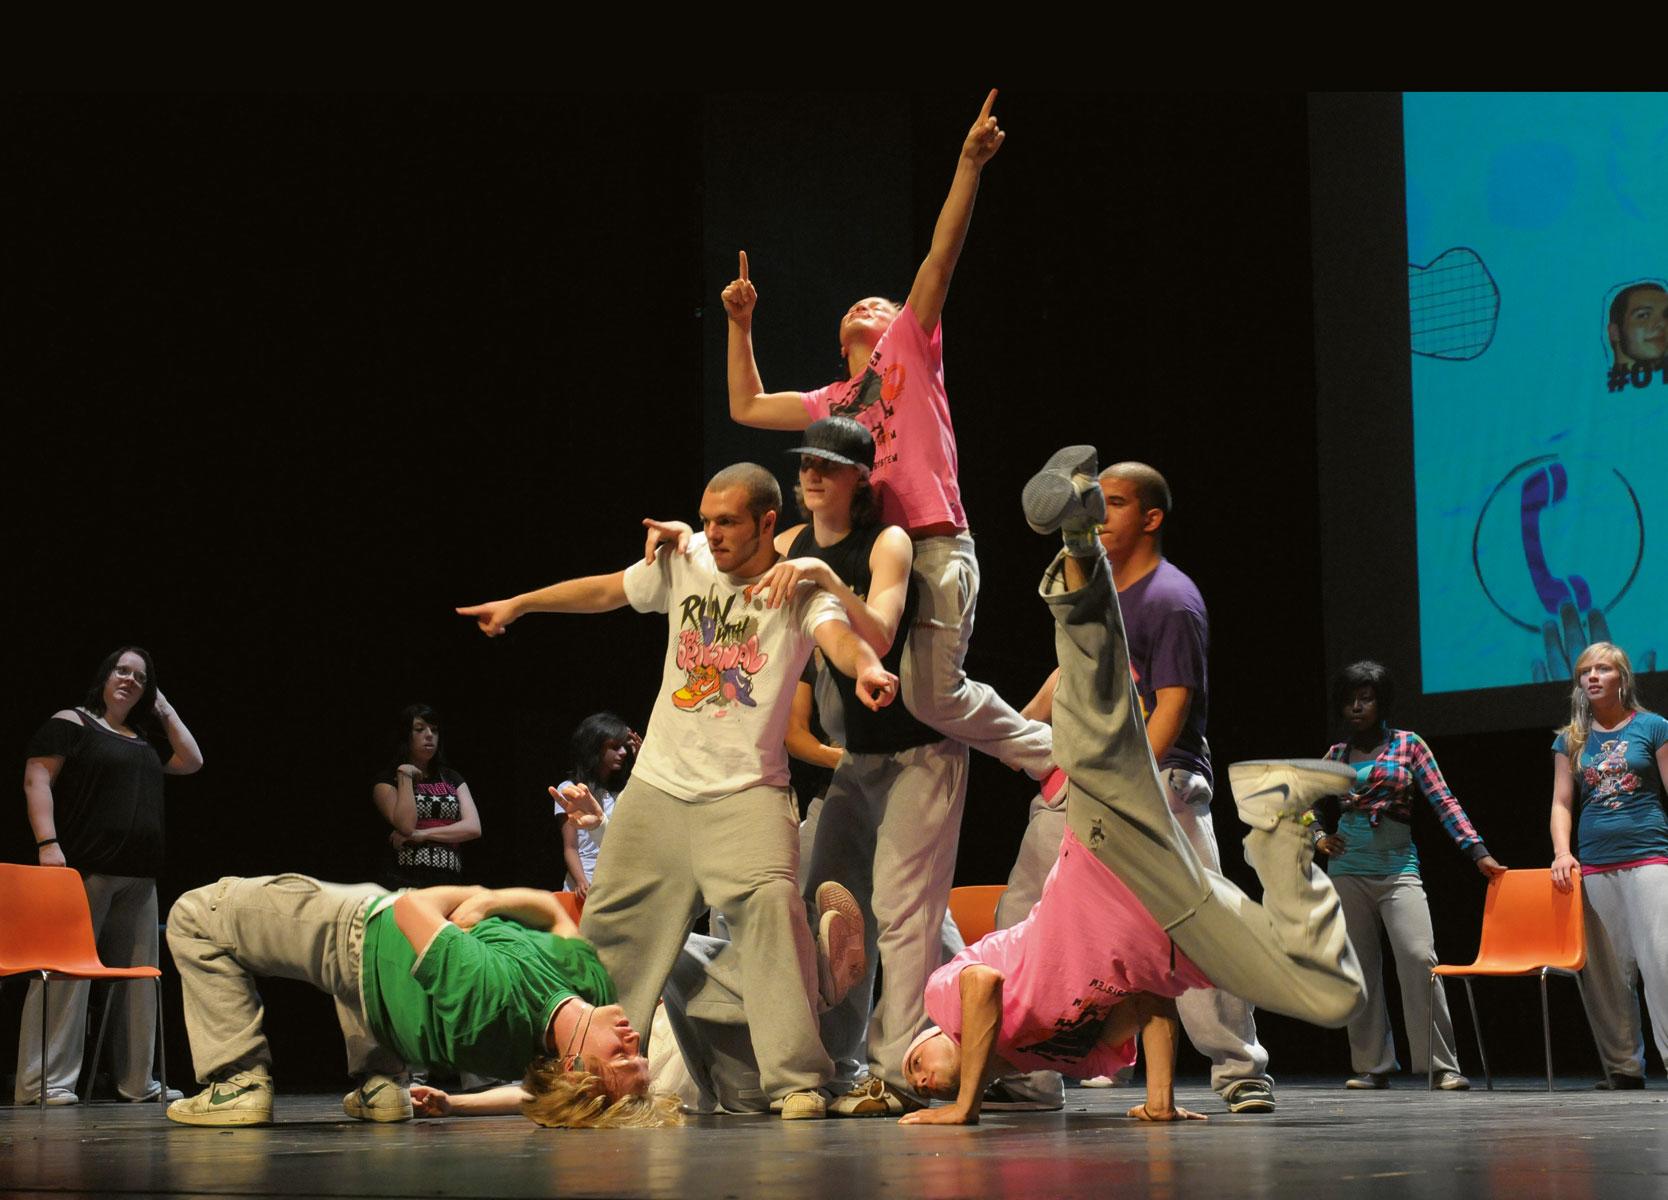 """Eröffnung mit Kunst: Die Tanzproduktion """"Wilde Zeiten"""" aus dem Tanzhaus NRW in Düsseldorf setzte die kreativen Zeichen beim Münchner KINDER ZUM OLYMP!-Kongress 2009"""